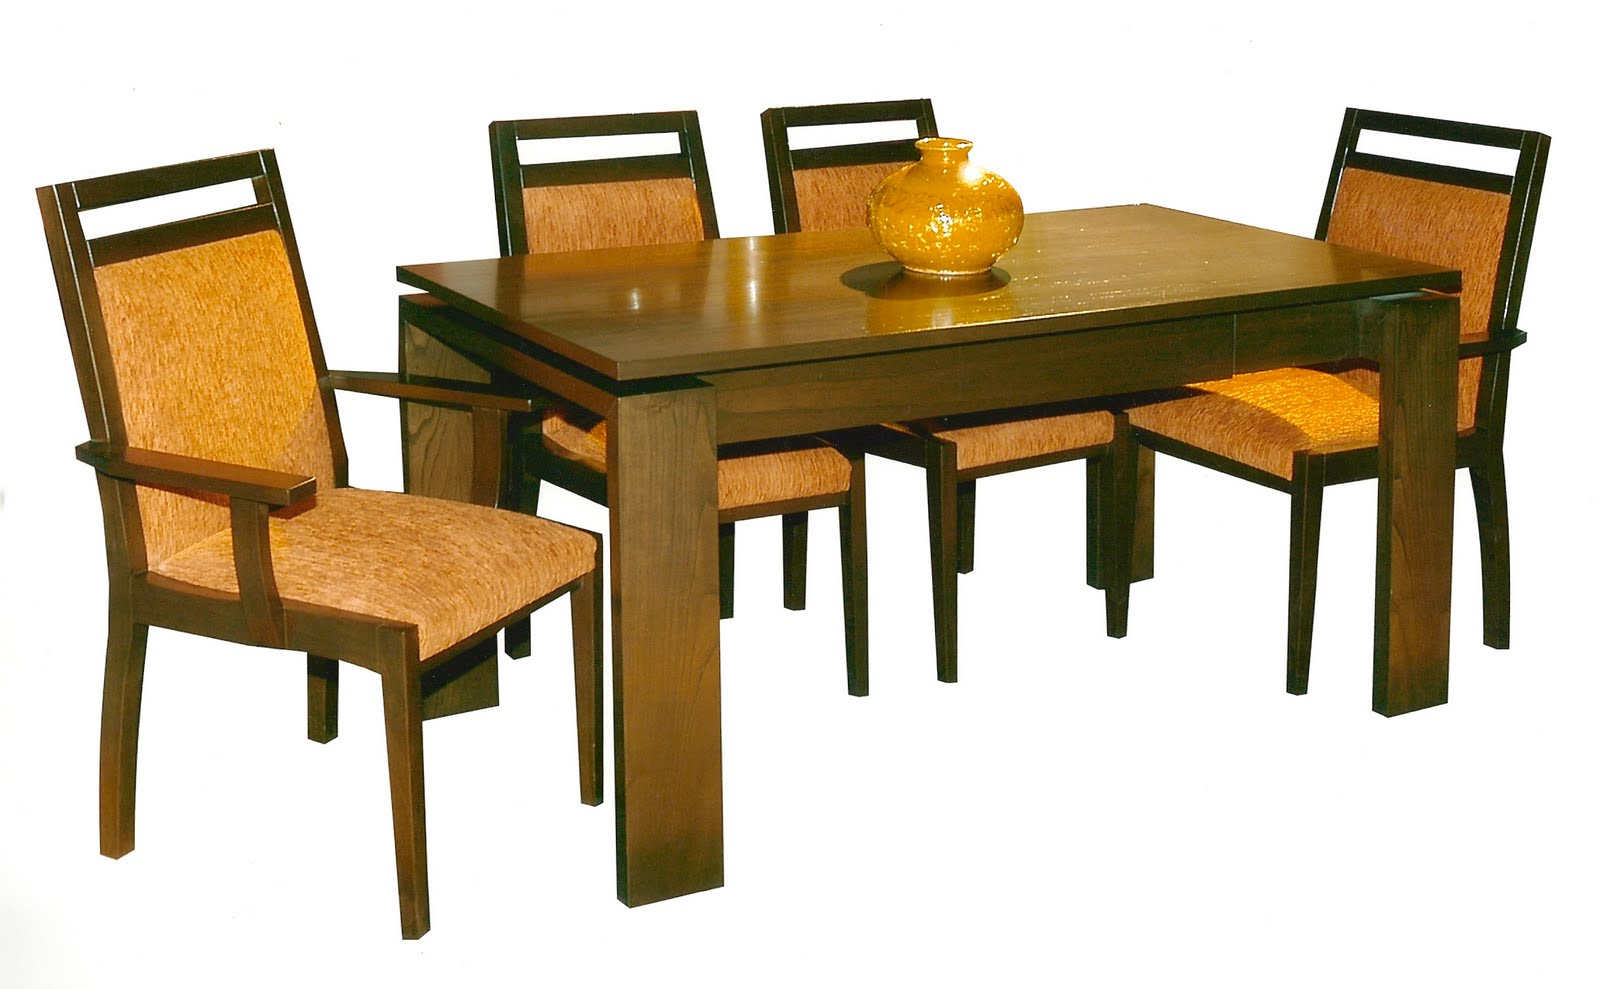 Muebles closet sillas camas estufas calefont for Mesas recibidores modernos